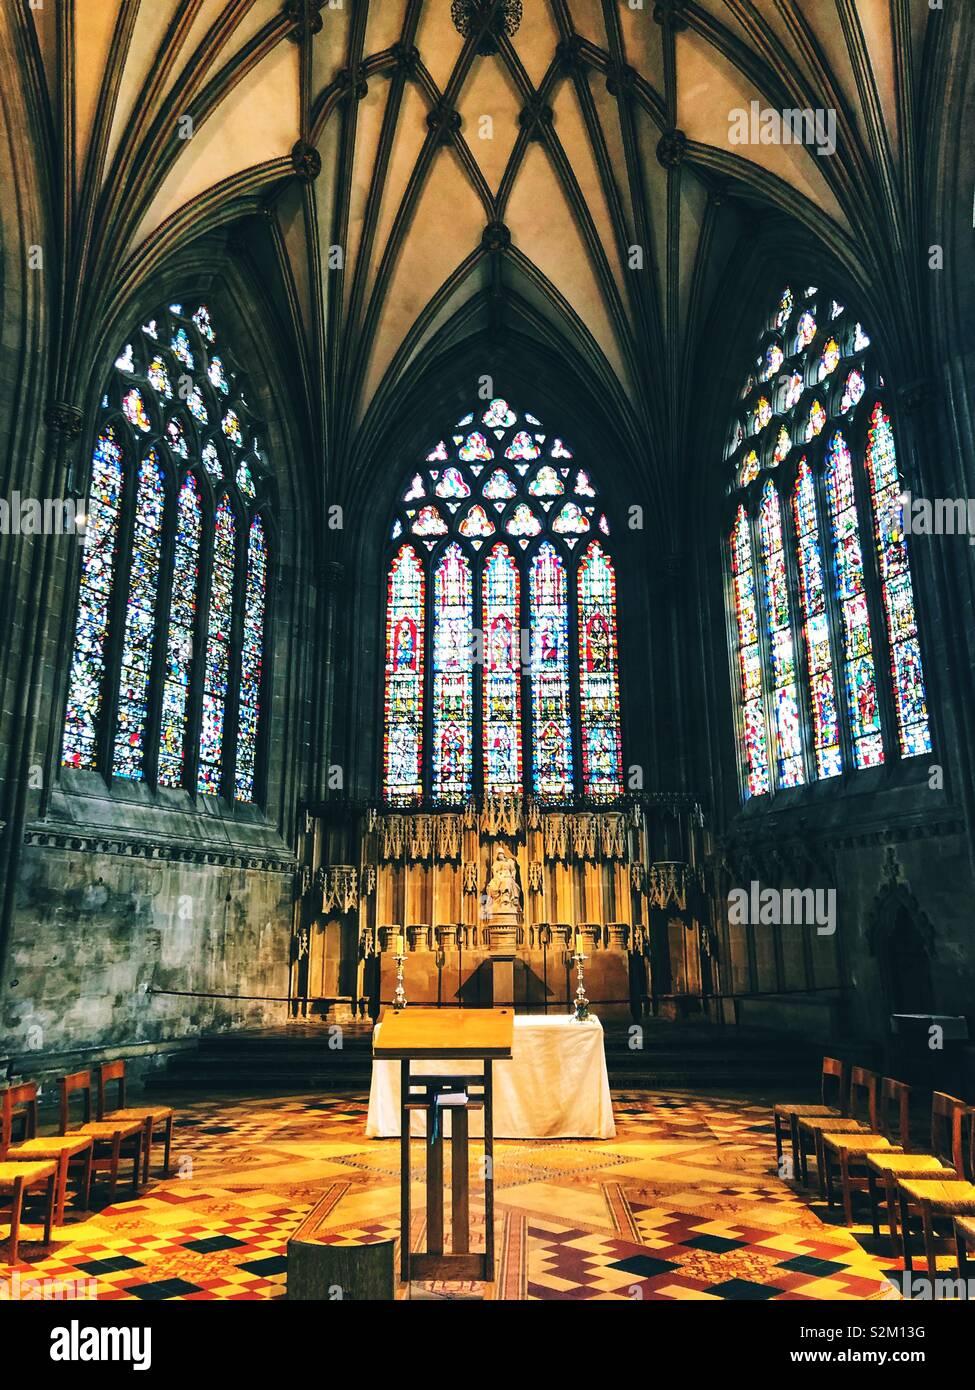 Vitrail chapelle à la cathédrale de Wells Photo Stock